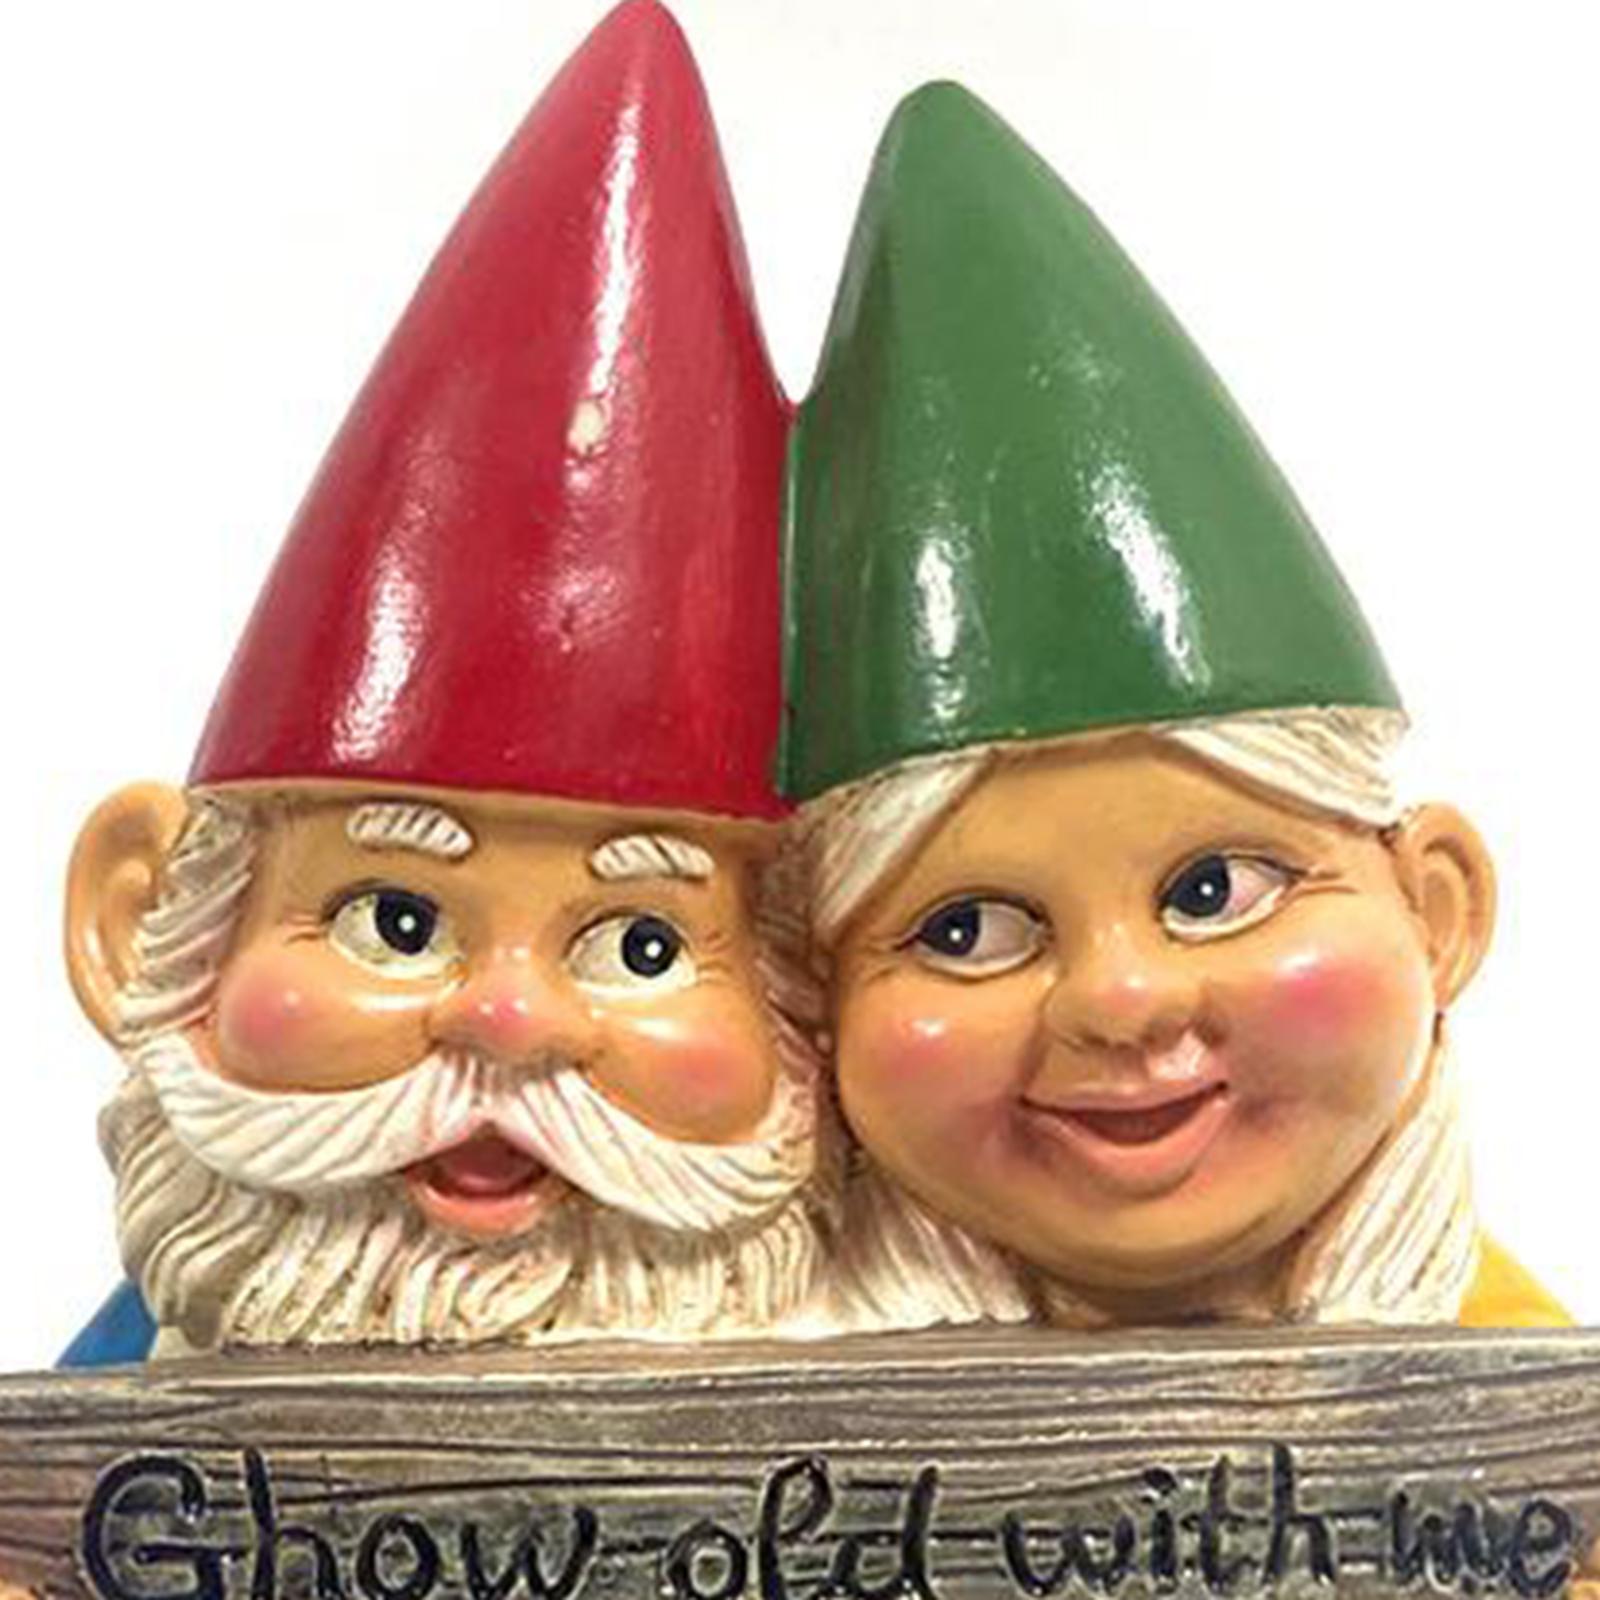 thumbnail 28 - Garden Gnome Polyresin Garden Sculpture Outdoor/Indoor Decor Funny Lawn Figurine